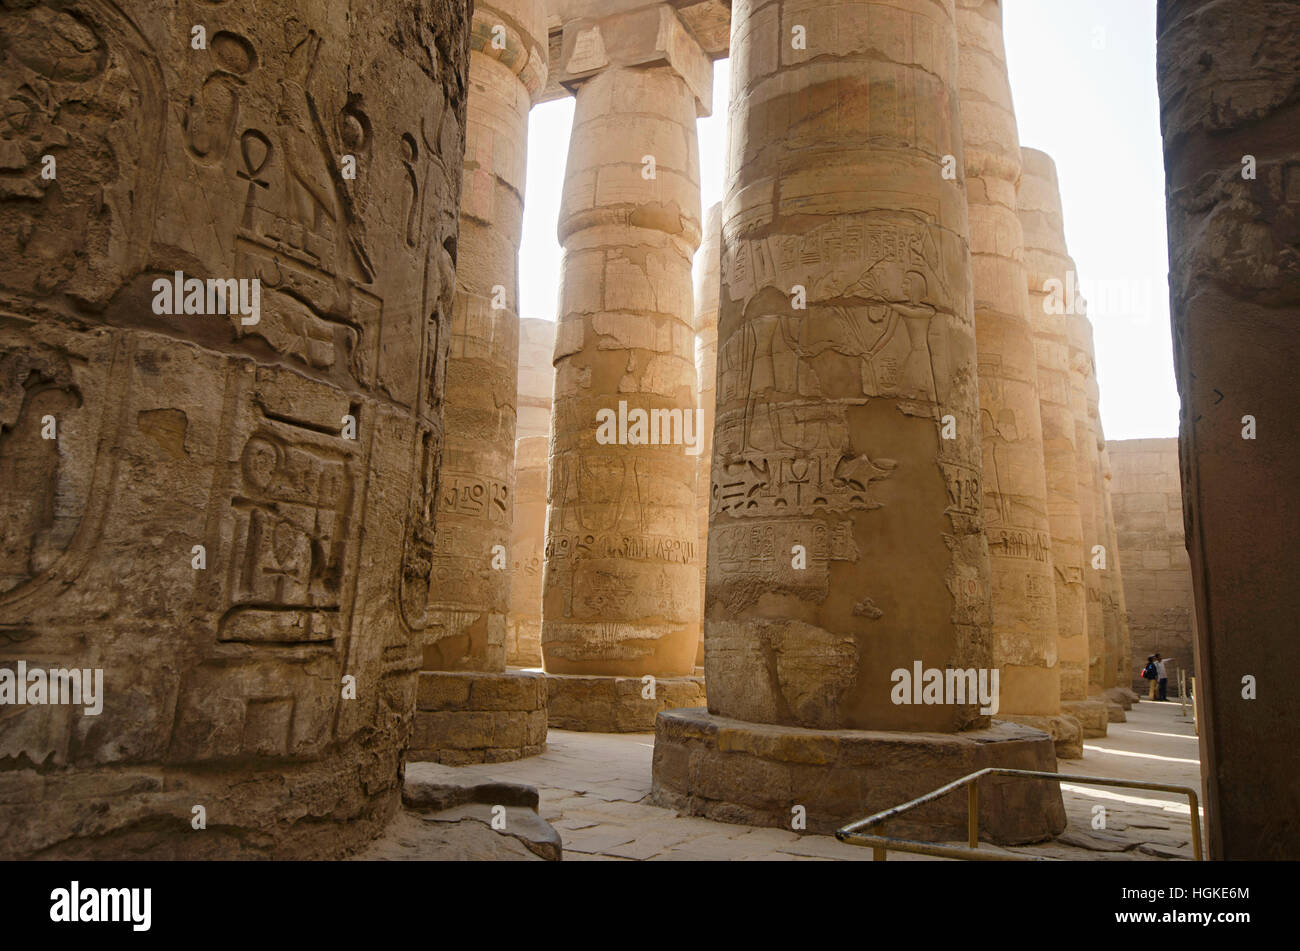 Des piliers sculptés, construite en calcaire jaune, vue de la salle hypostyle dans l'enceinte d'Amon Photo Stock